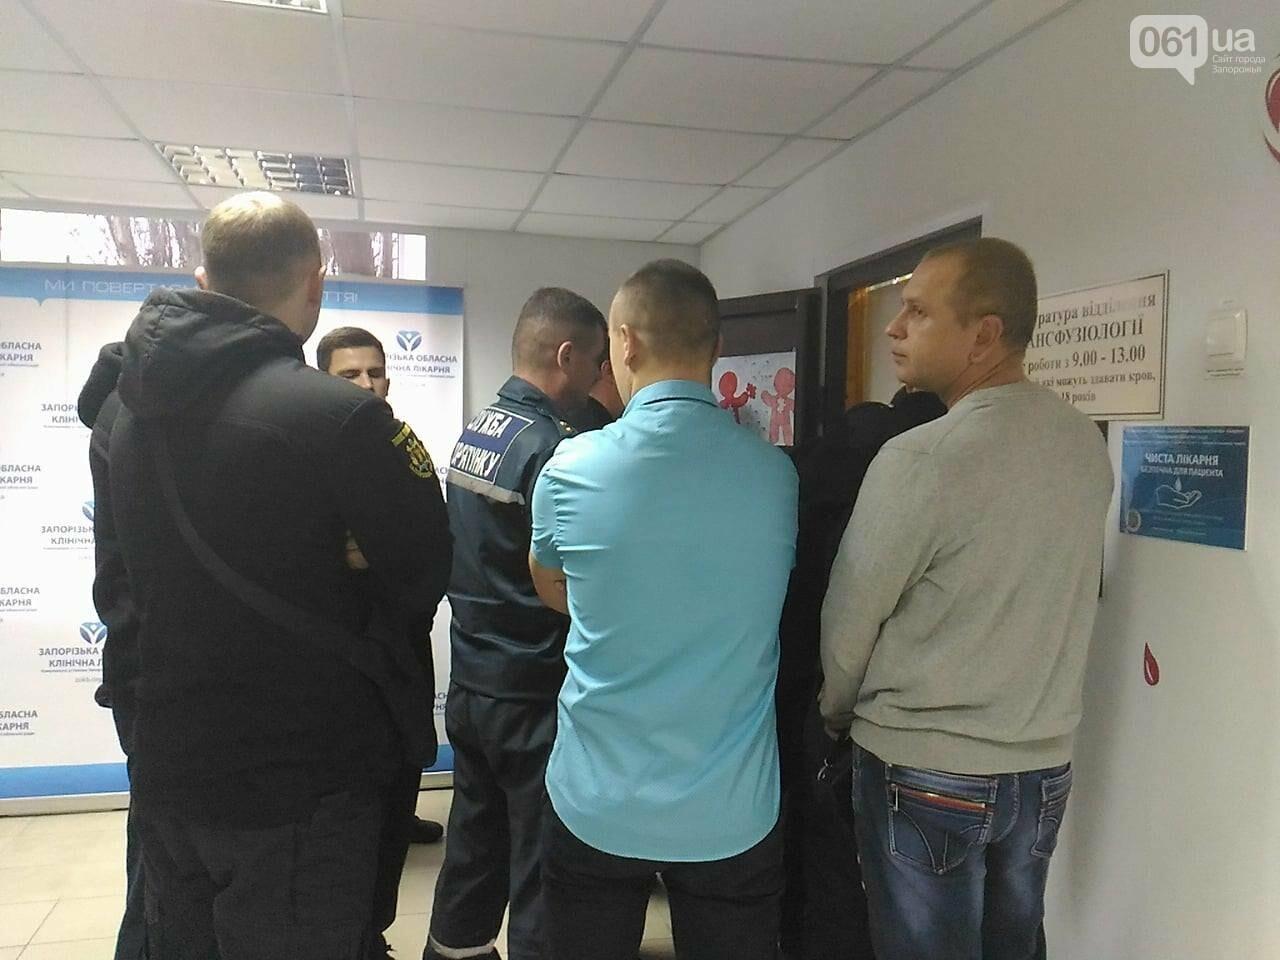 В Запорожье полицейские и спасатели массово сдают кровь: один из доноров - в 147-й раз, - ФОТОРЕПОРТАЖ, фото-7